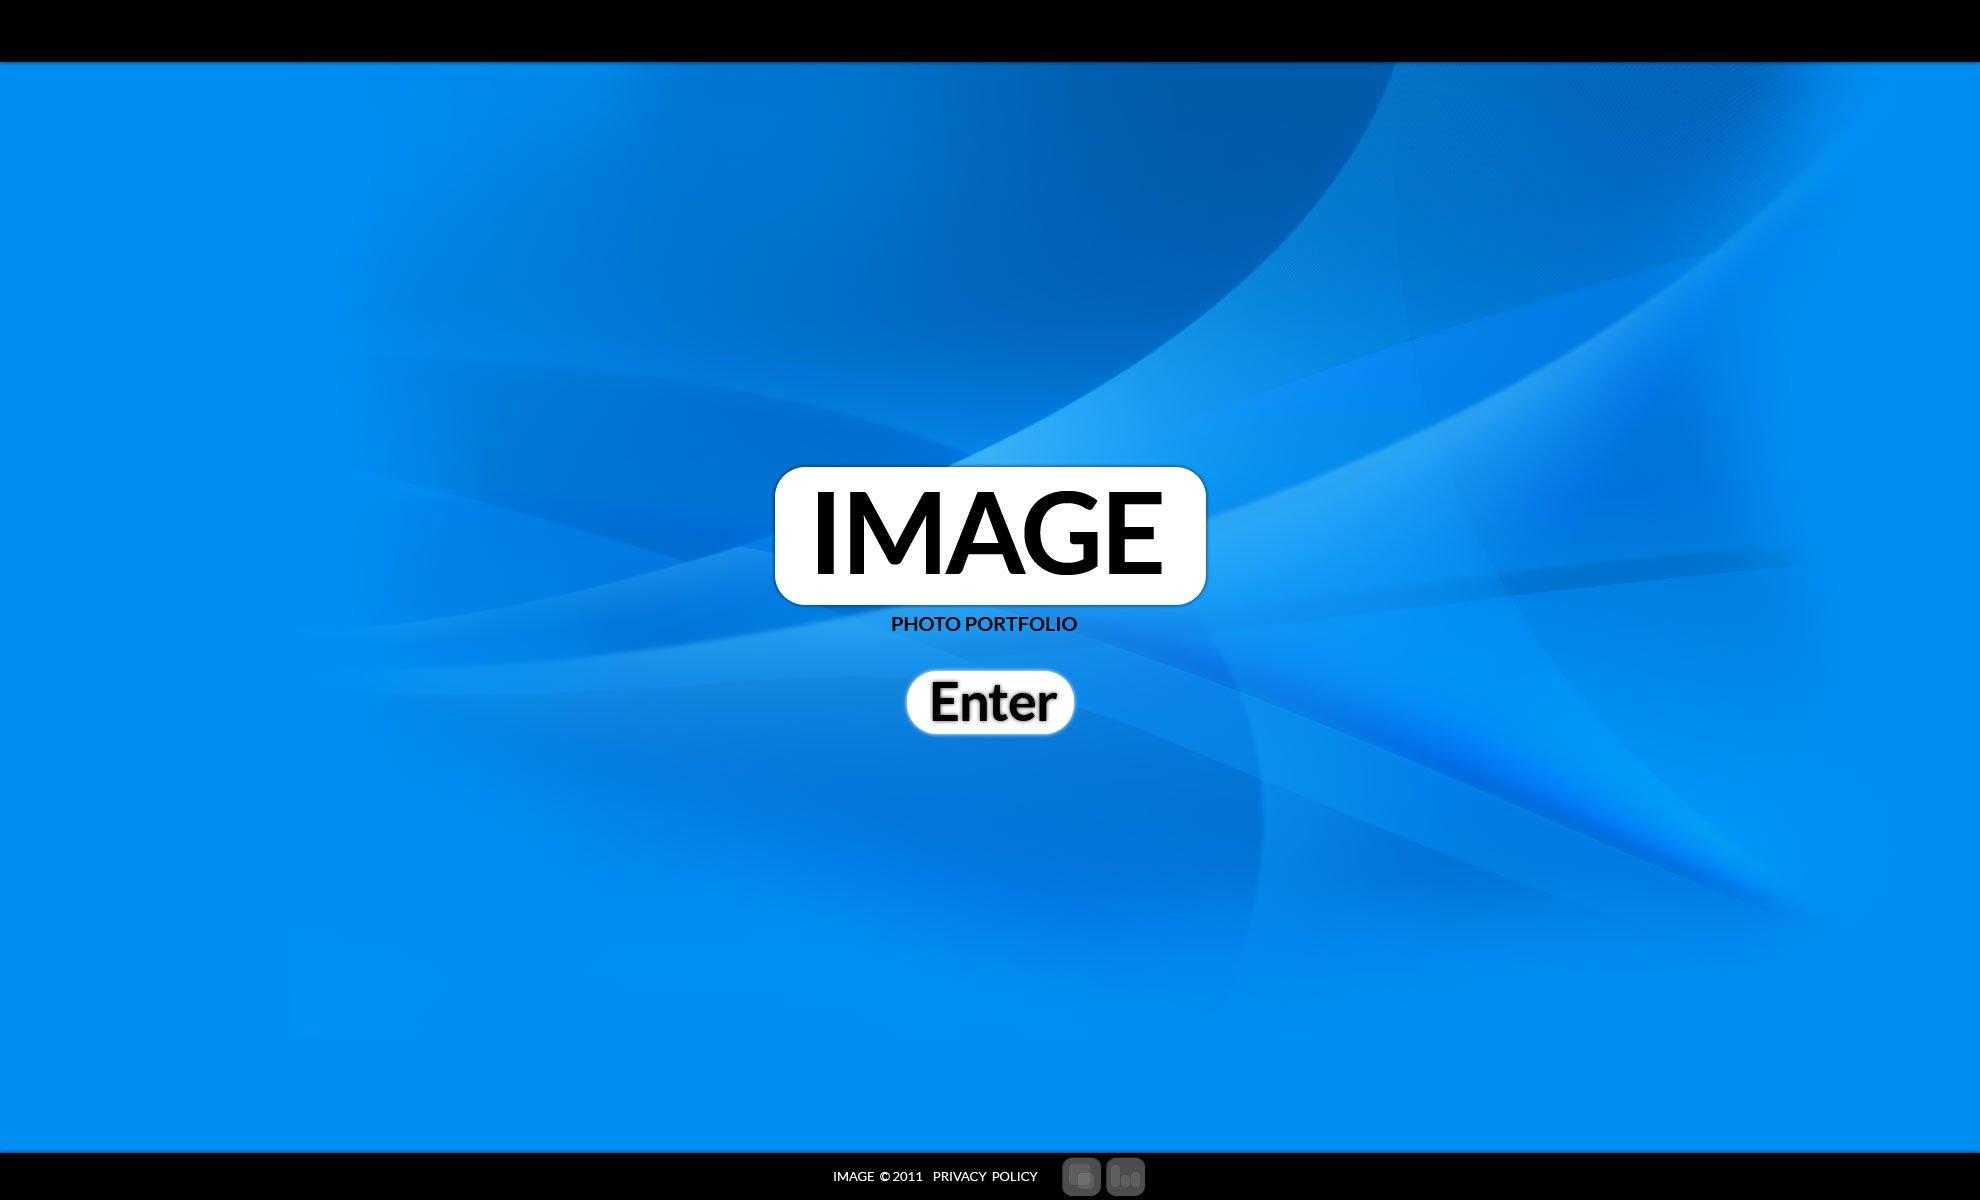 Шаблон фото галереи №34443 на тему фотогалерея